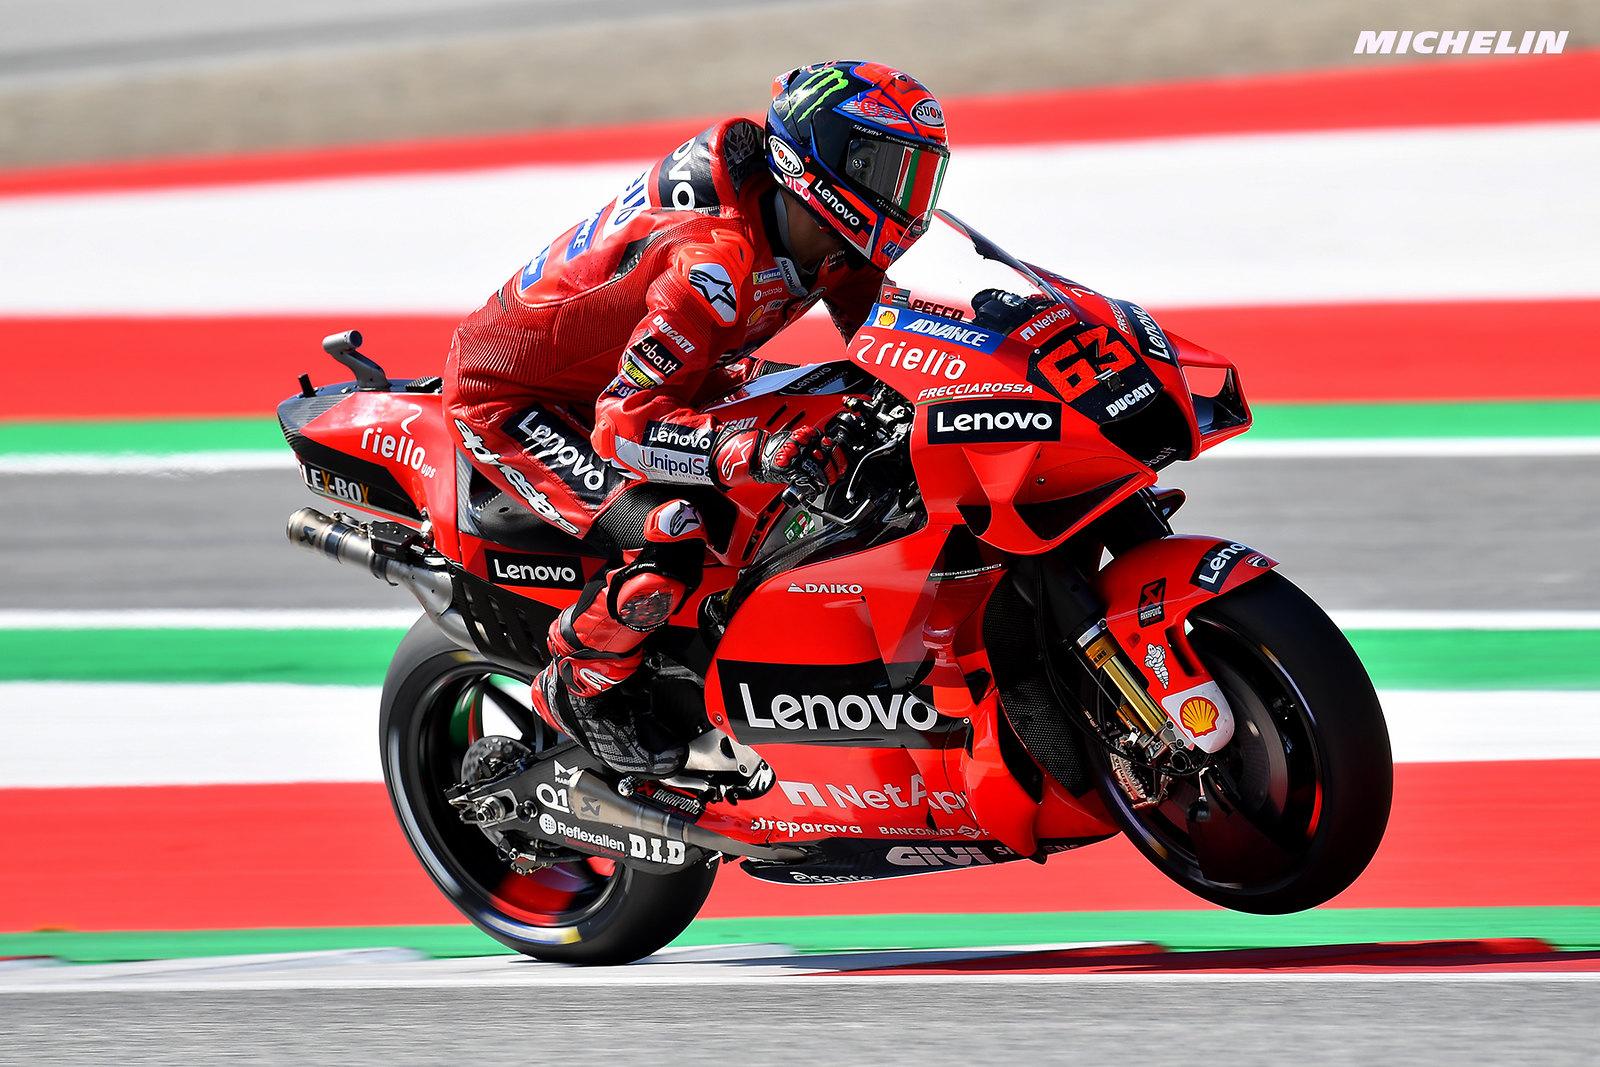 MotoGP2021スティリアGP 予選2位フランセスコ・バグナイア「あらゆるコンディションで自信がある」